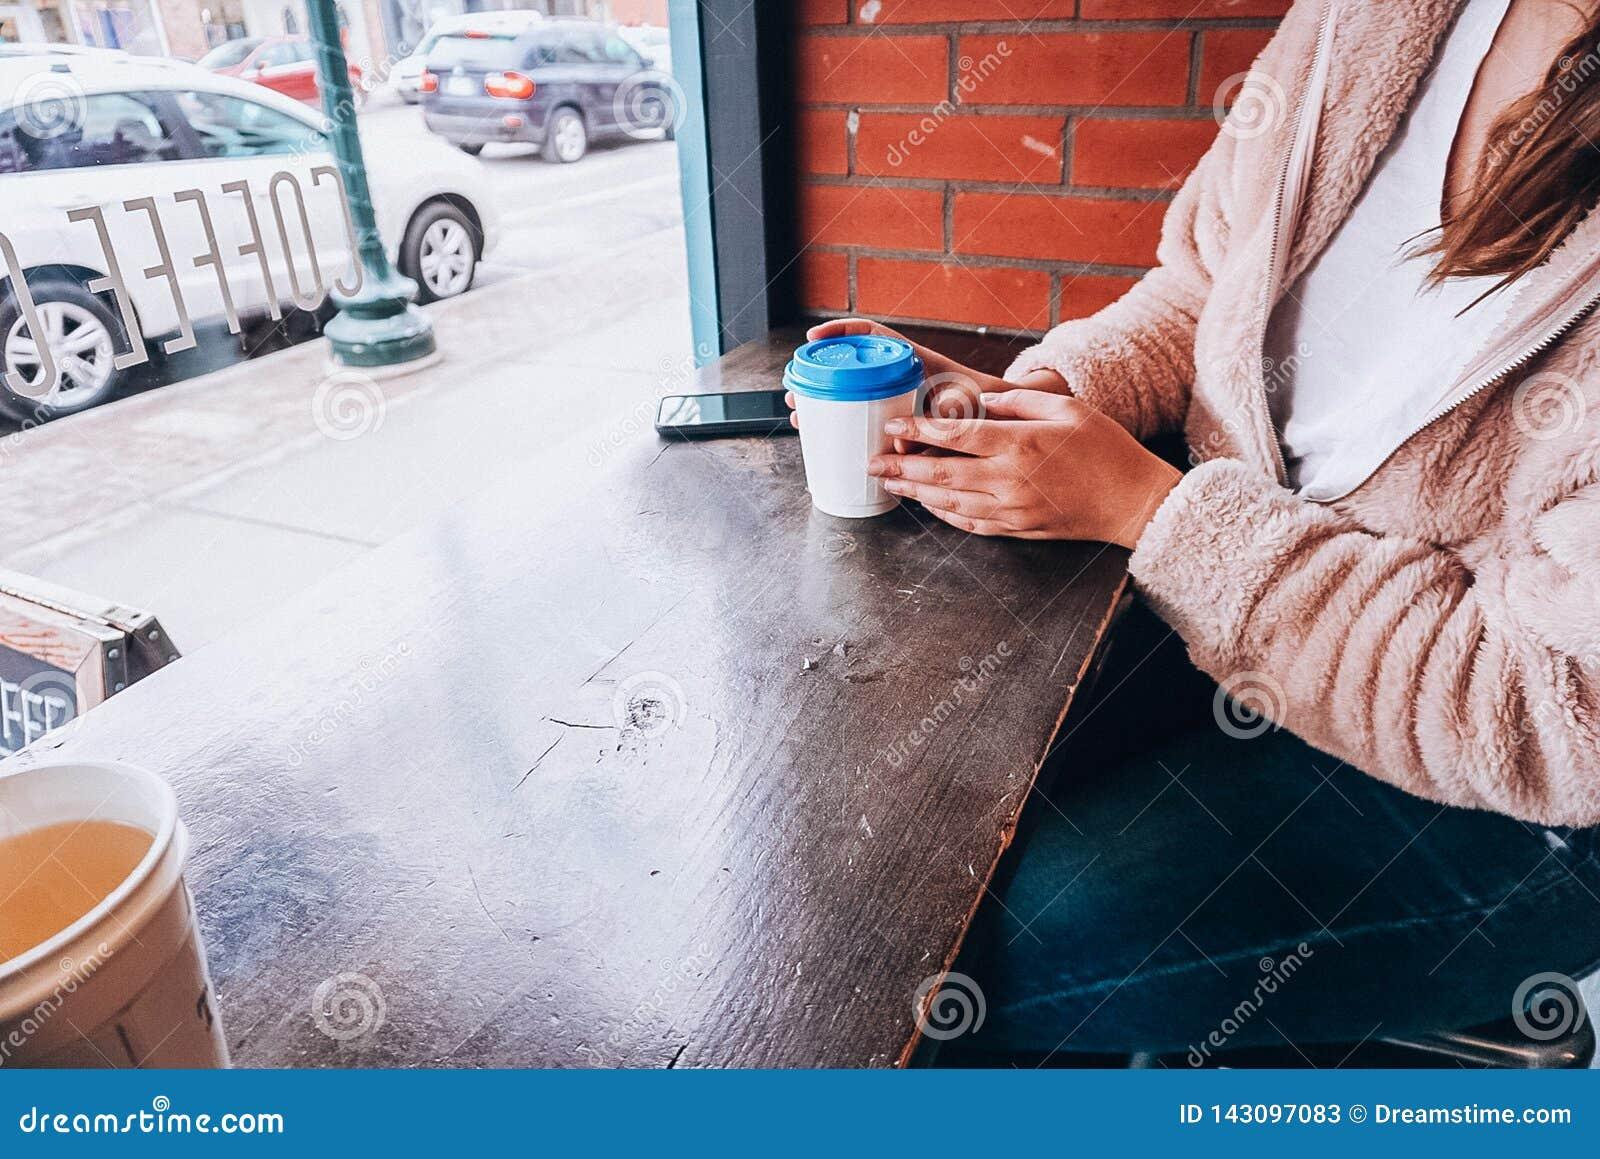 Девушка держа чашку кофе с голубой крышкой